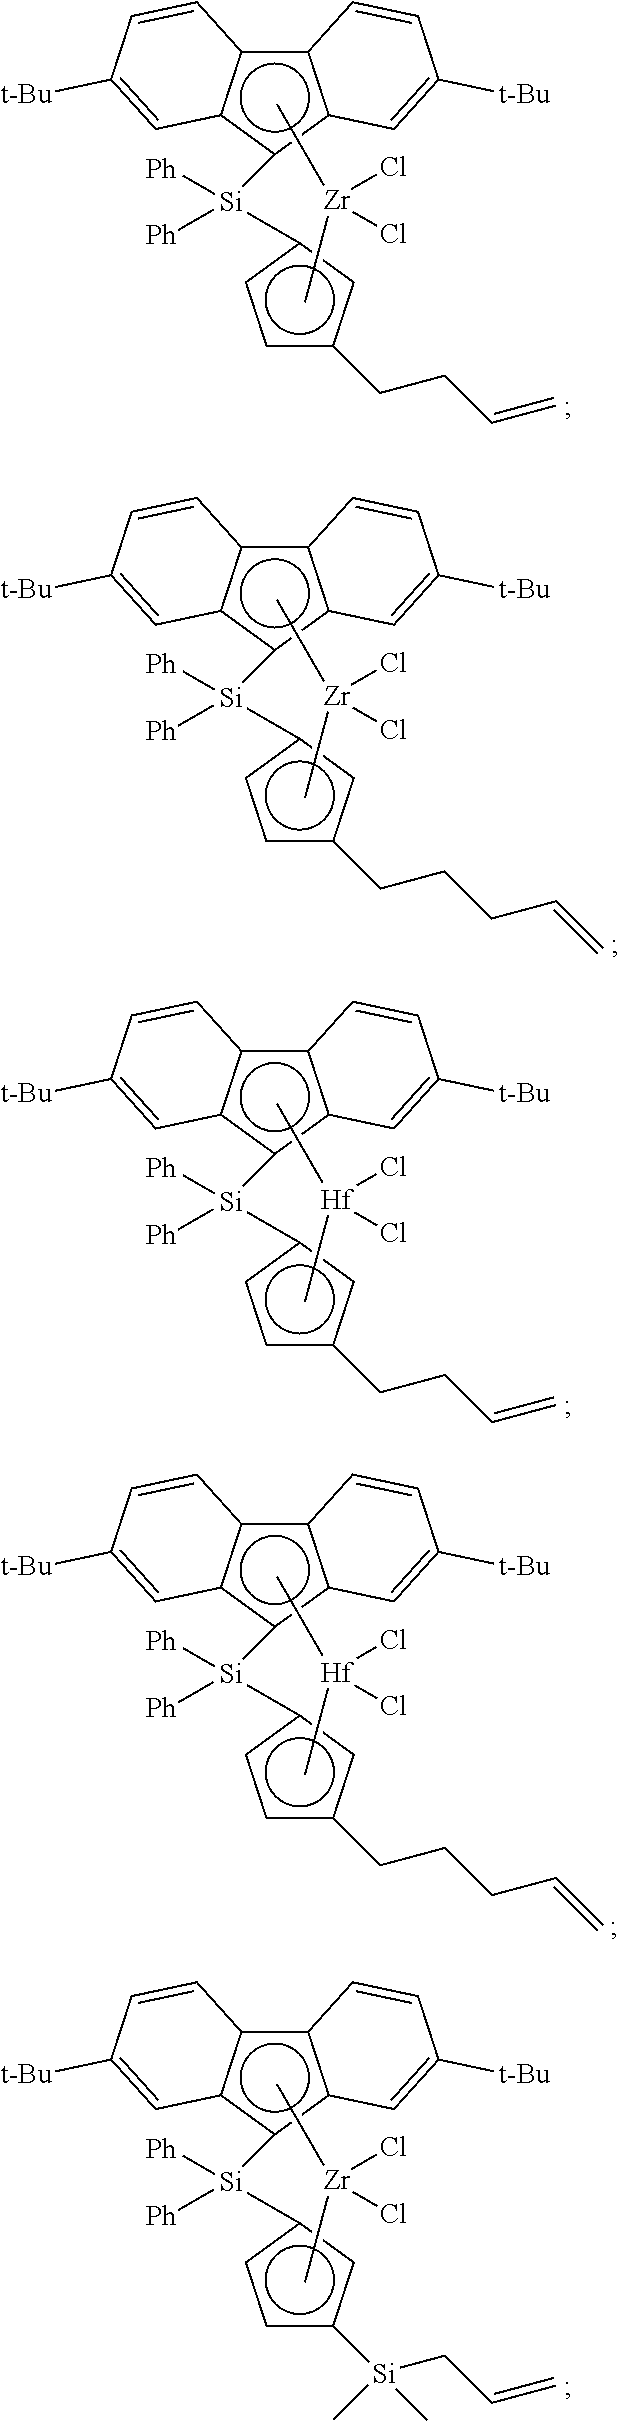 Figure US08609793-20131217-C00016